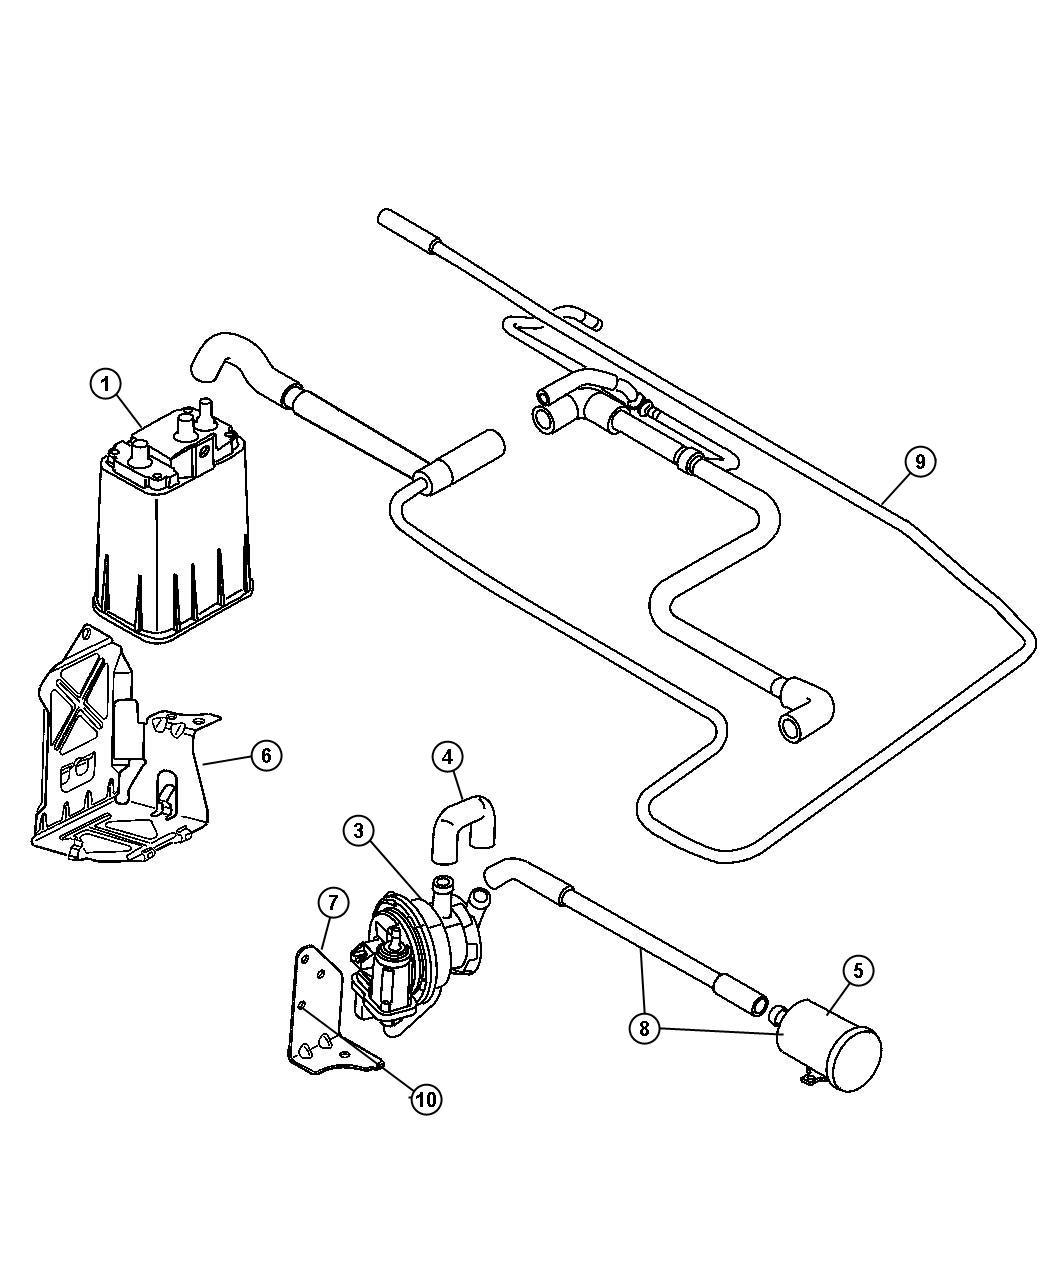 97 Dodge Intrepid Wire Harness Parts 1997 Wiring